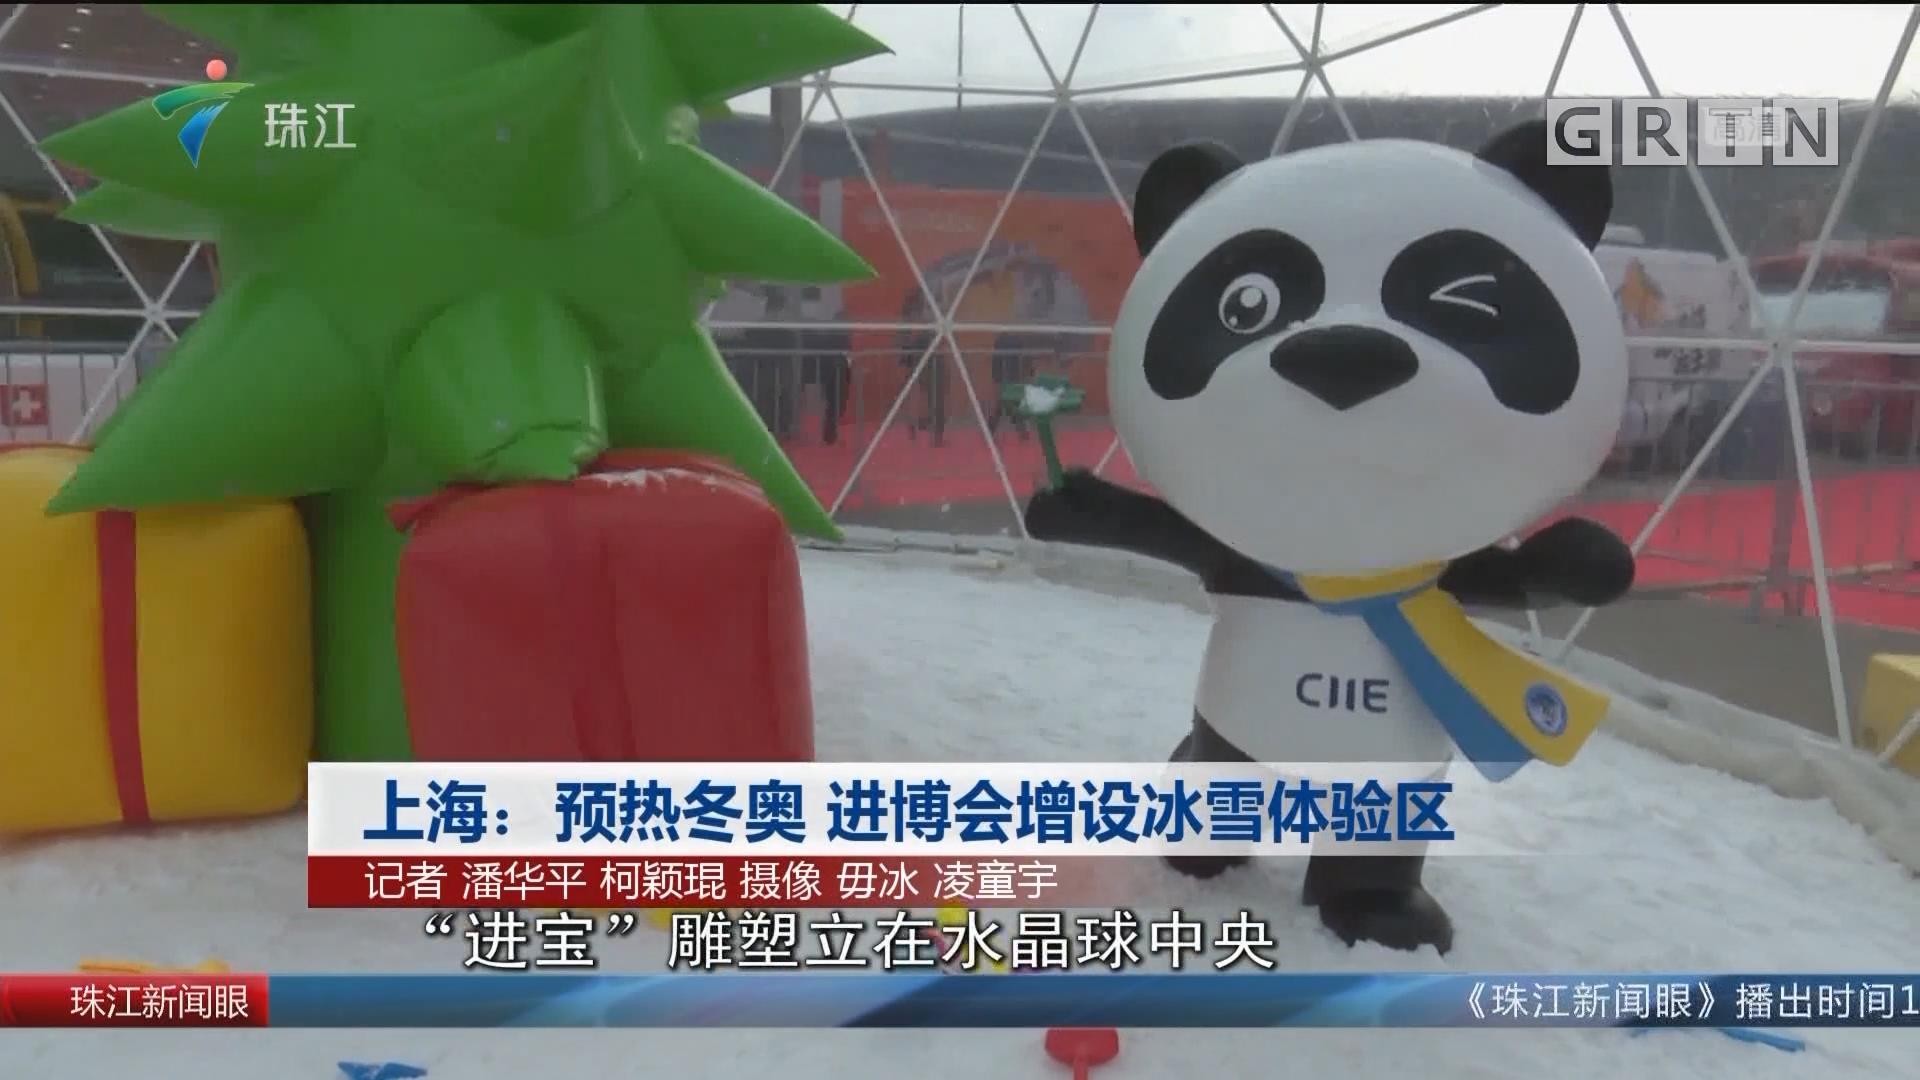 上海:预热冬奥 进博会增设冰雪体验区